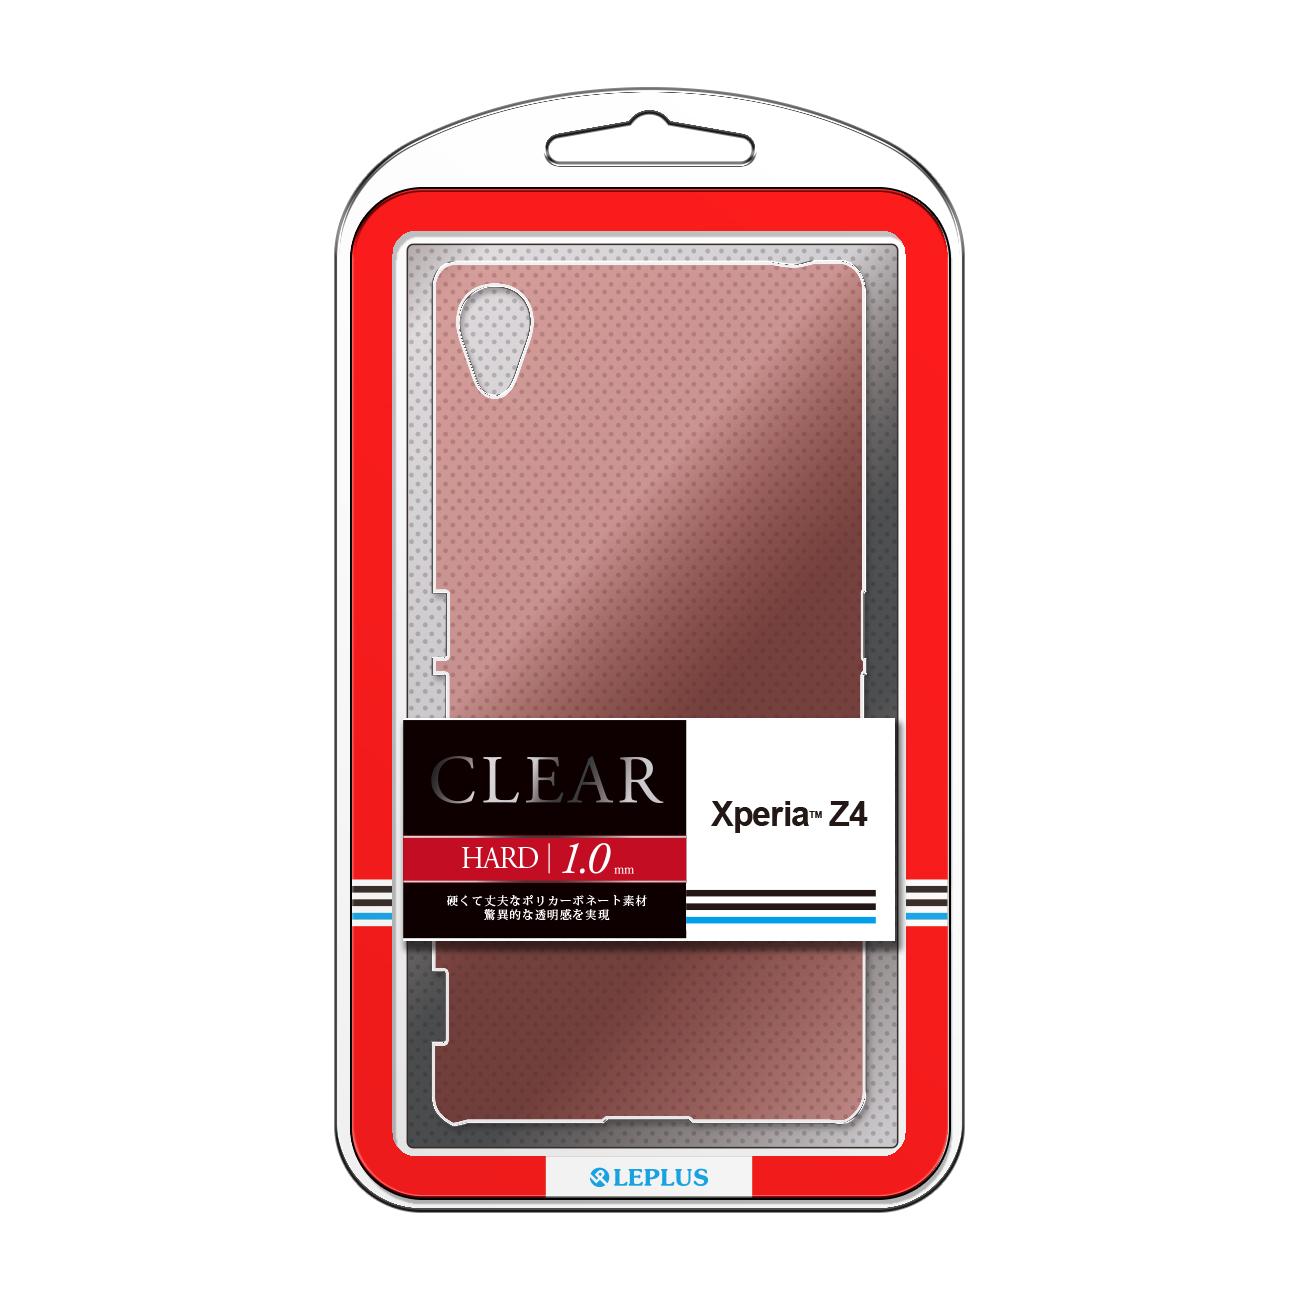 Xperia(TM) Z4 SO-03G/SOV31/402SO ハードケース 「CLEAR HARD」 クリアカッパー